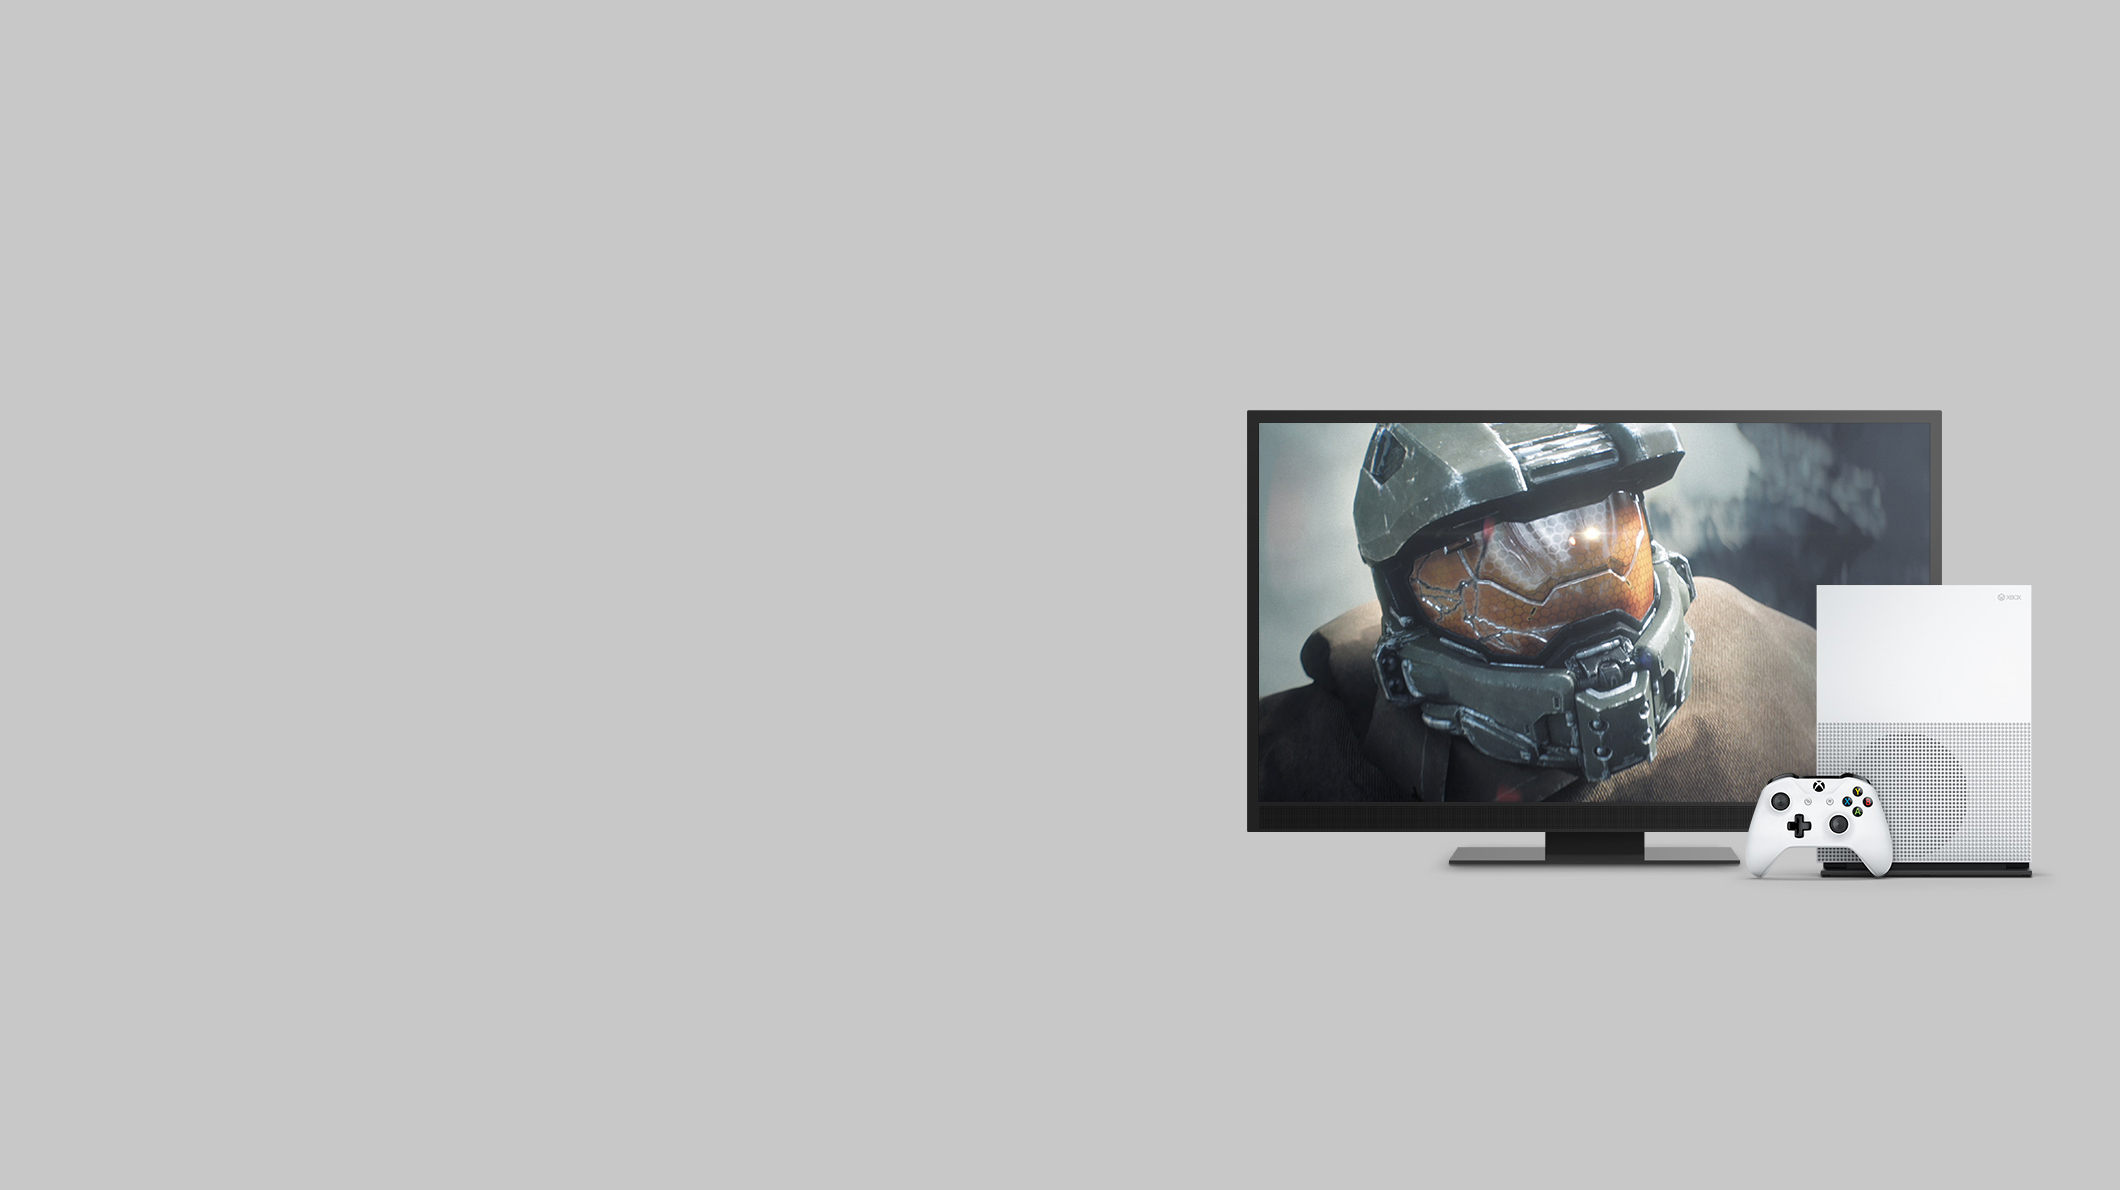 Xbox One S konzol, Xbox-kontroller, és egy akciójáték pillanata egy nagy méretű képernyőn